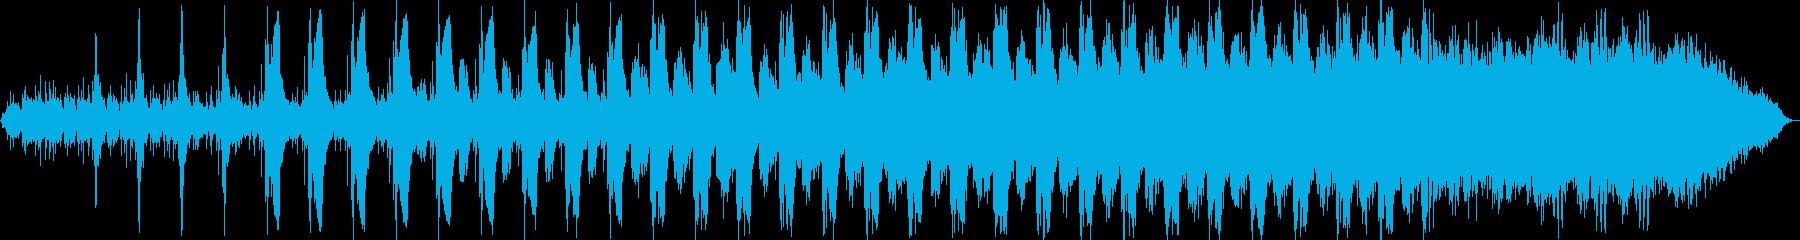 ヒーリング向け 幻想的なアンビエントの再生済みの波形